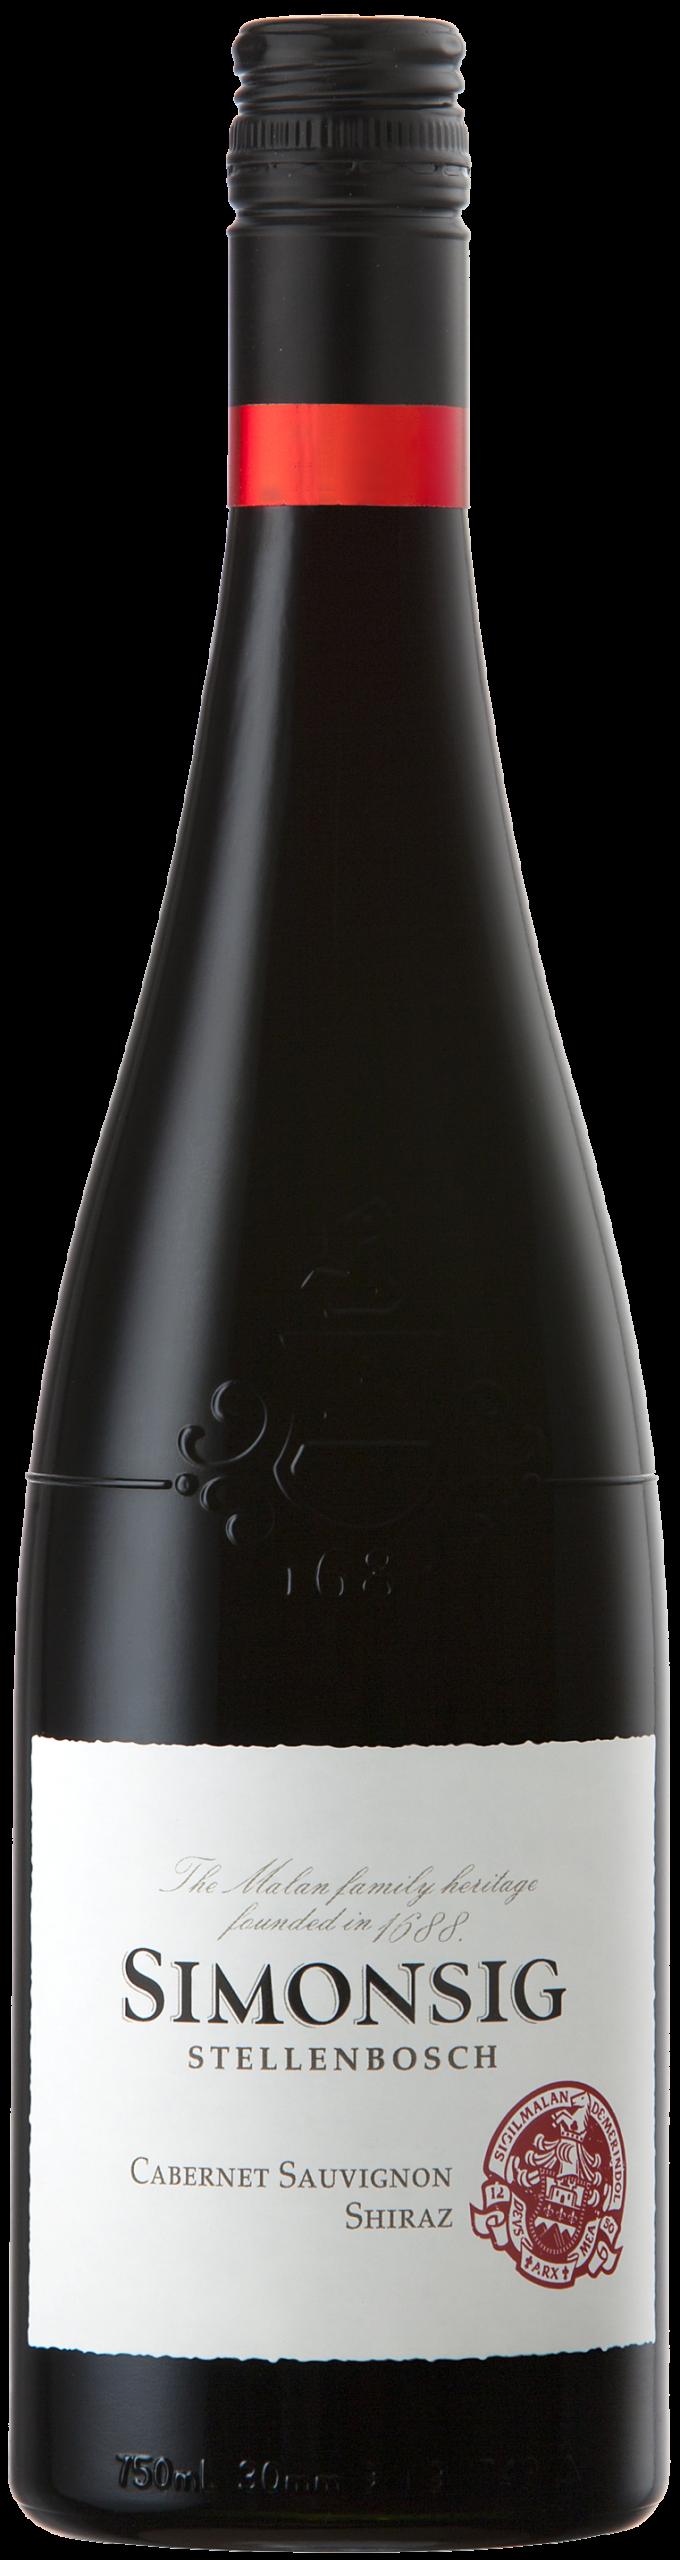 15-rood-simonsig-cabernet-sauvignon-shiraz-afbeelding